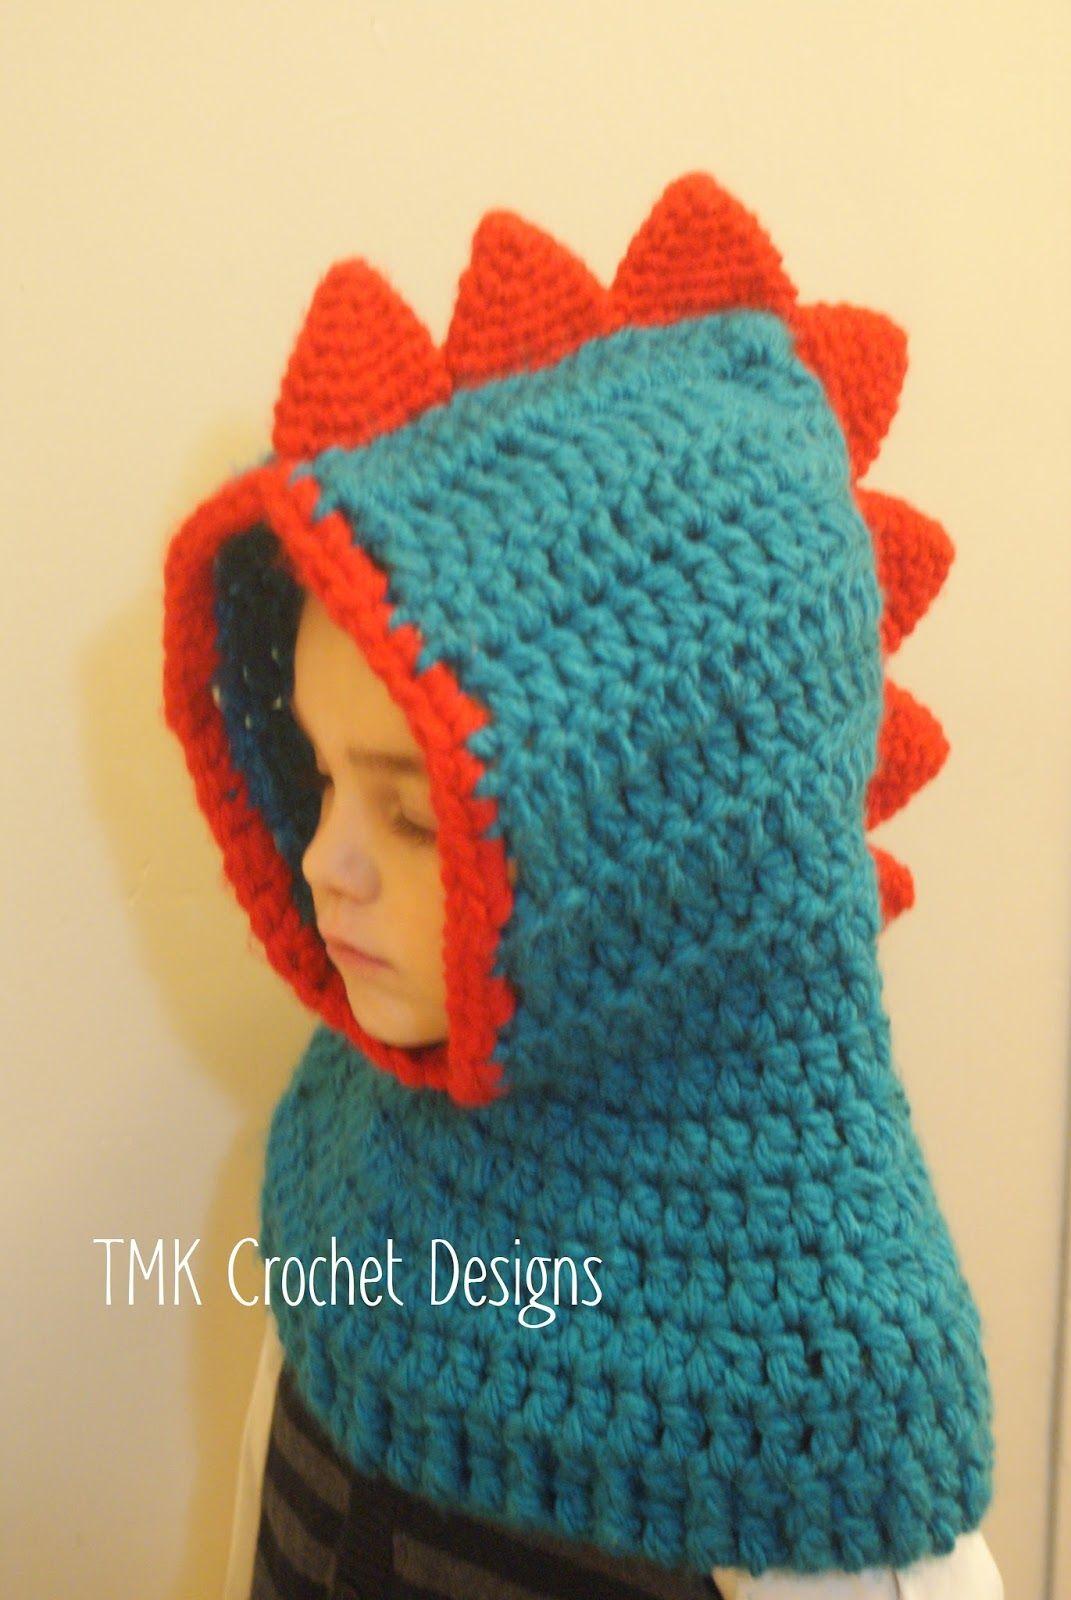 TMK crochet: Crochet Hooded Dino Cowl Pattern Giveaway … | Crochet …